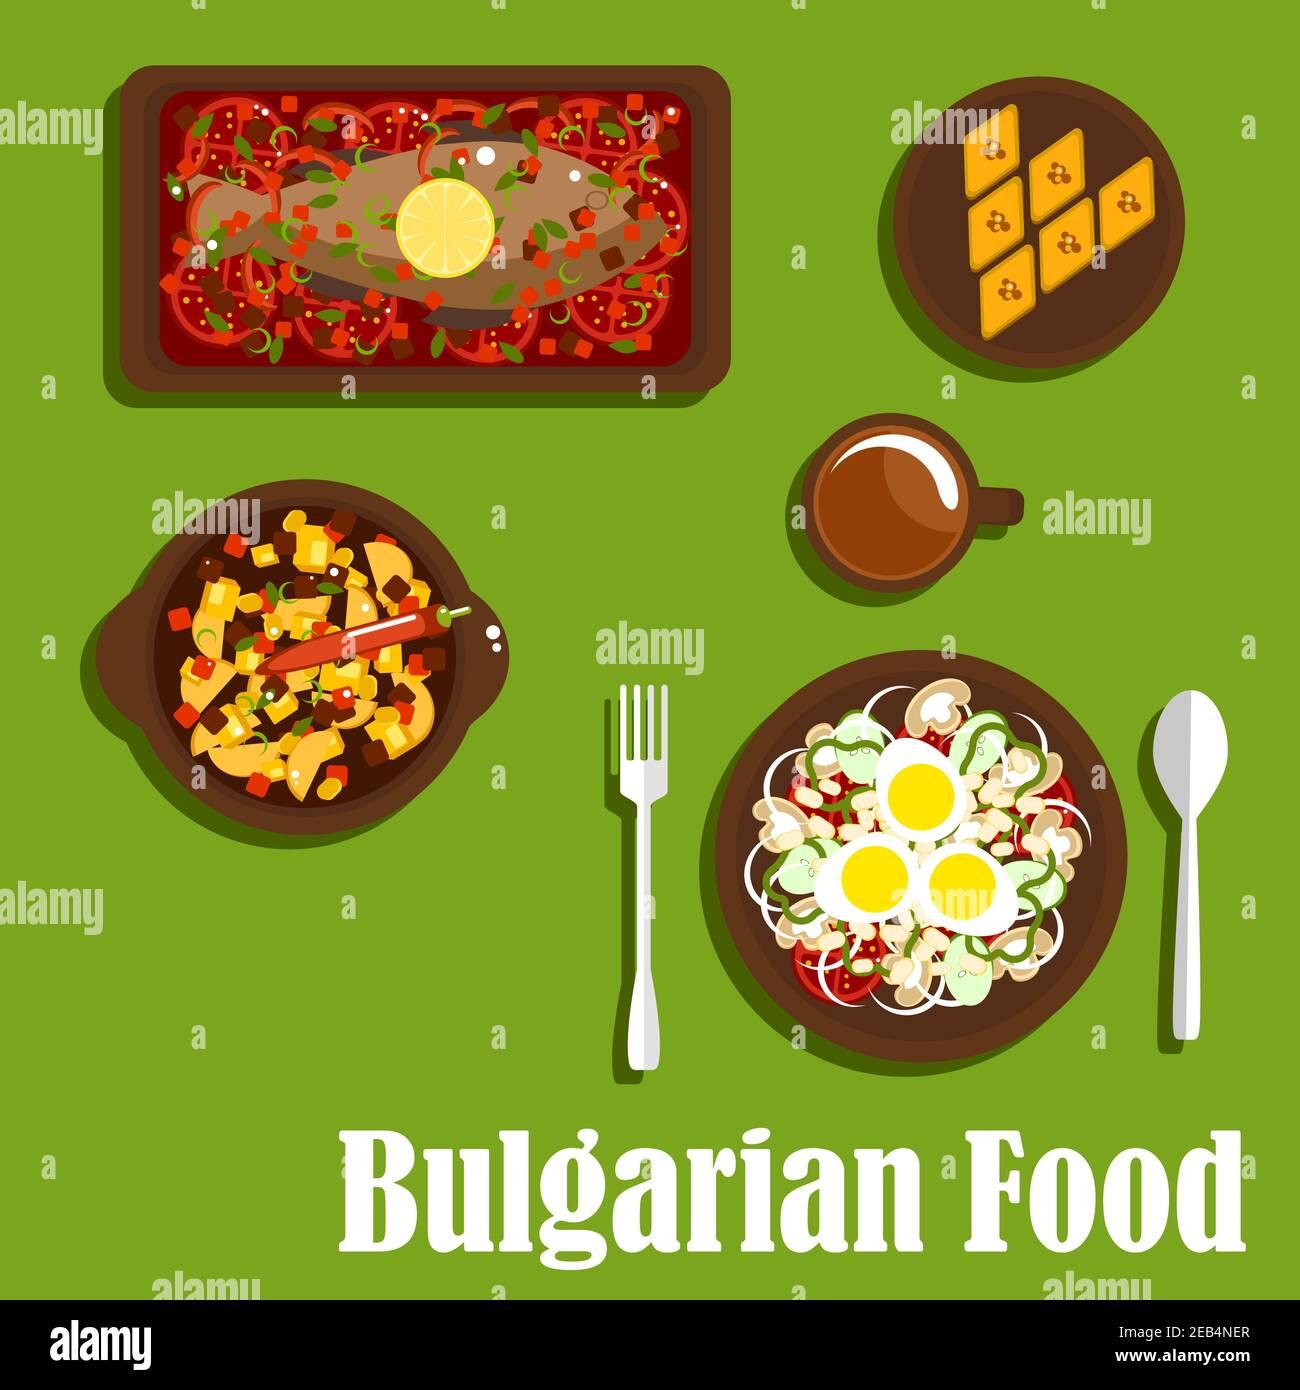 Deliciosa cena de cocina búlgara con ensalada vegetariana con tomate, cebolla, champiñones, pimienta, frijoles y huevos, estofado picante, carpa al horno con Ilustración del Vector